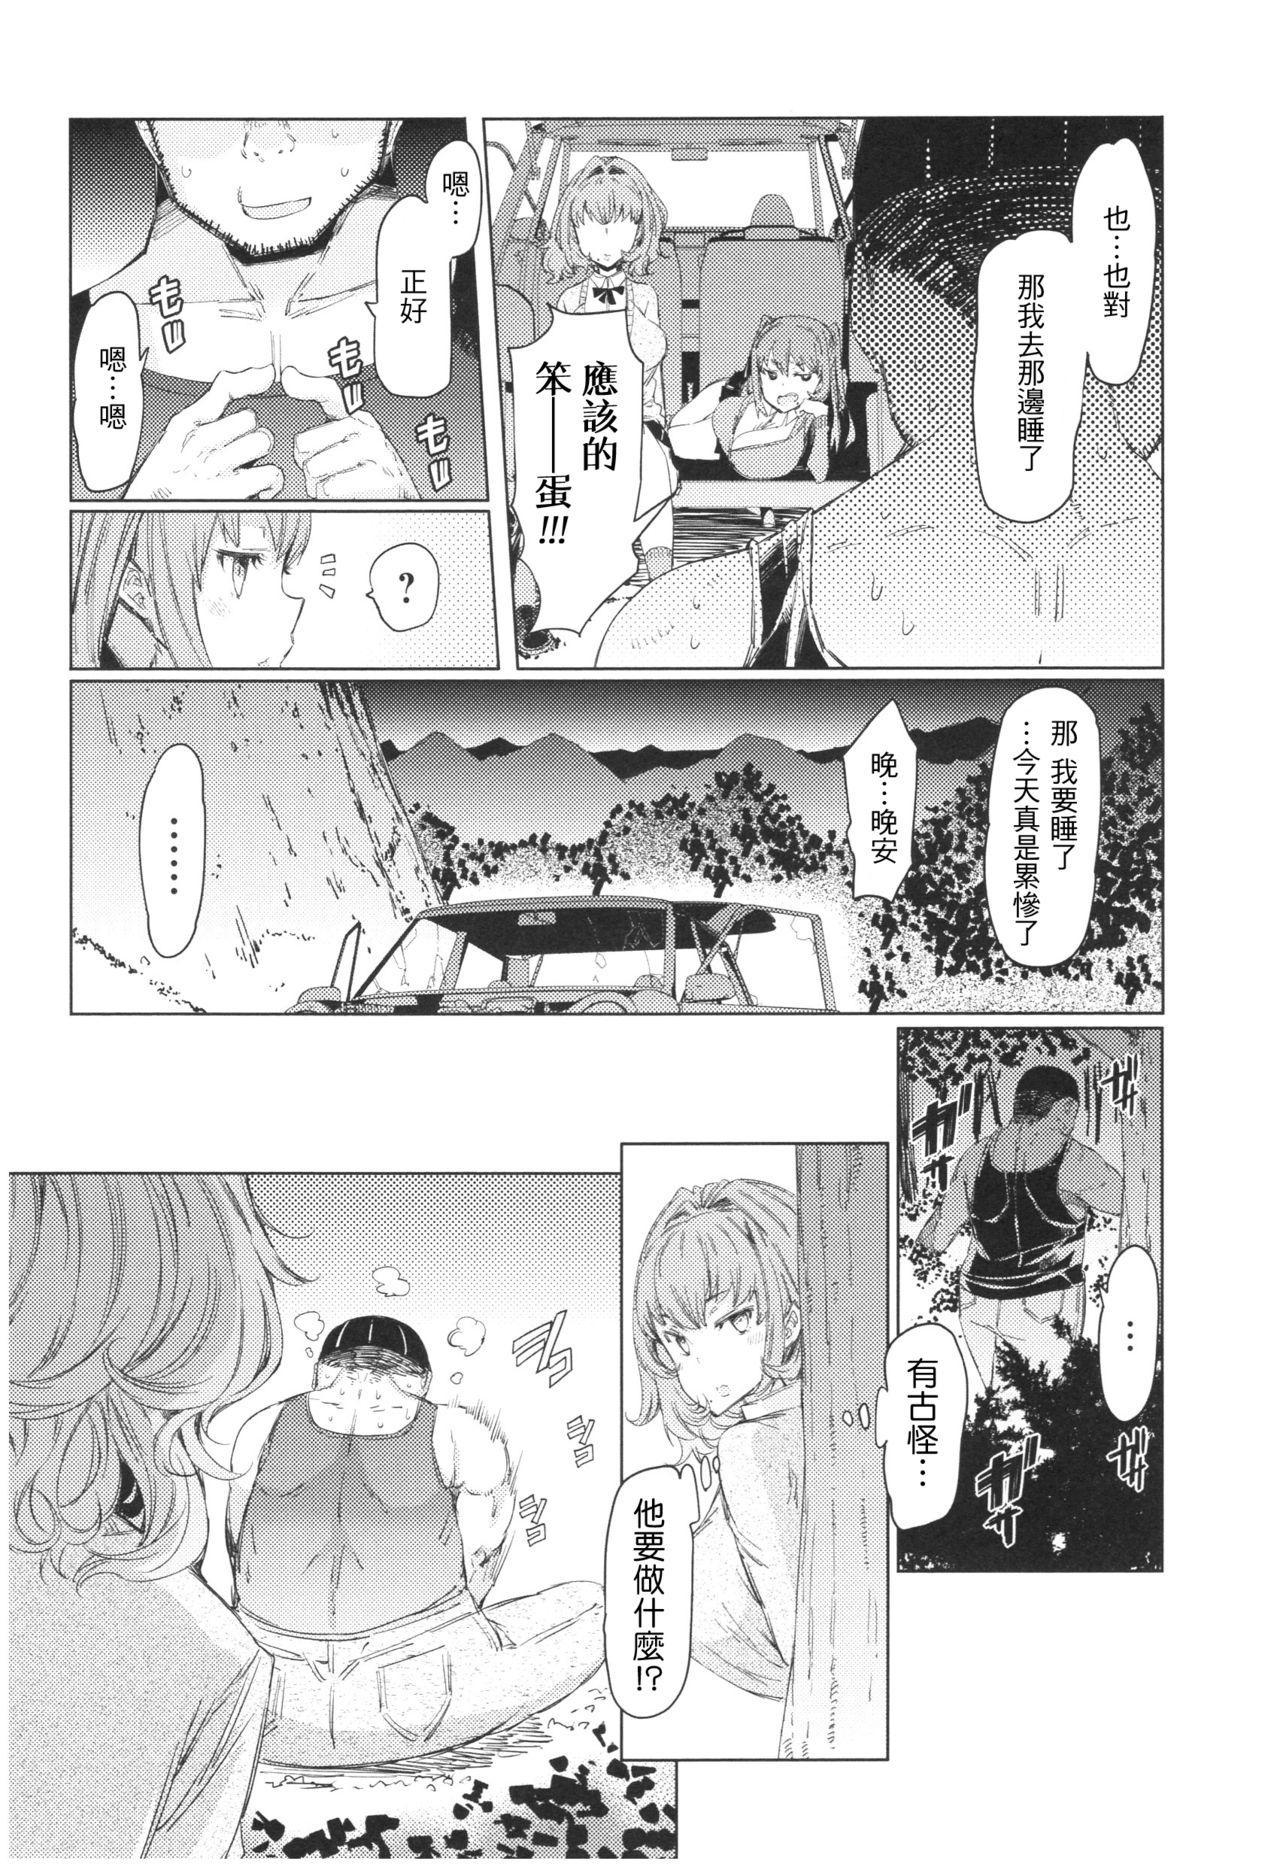 Ochita Kyoudai no 13-nichi Gougan Imouto no Otoshikata 8